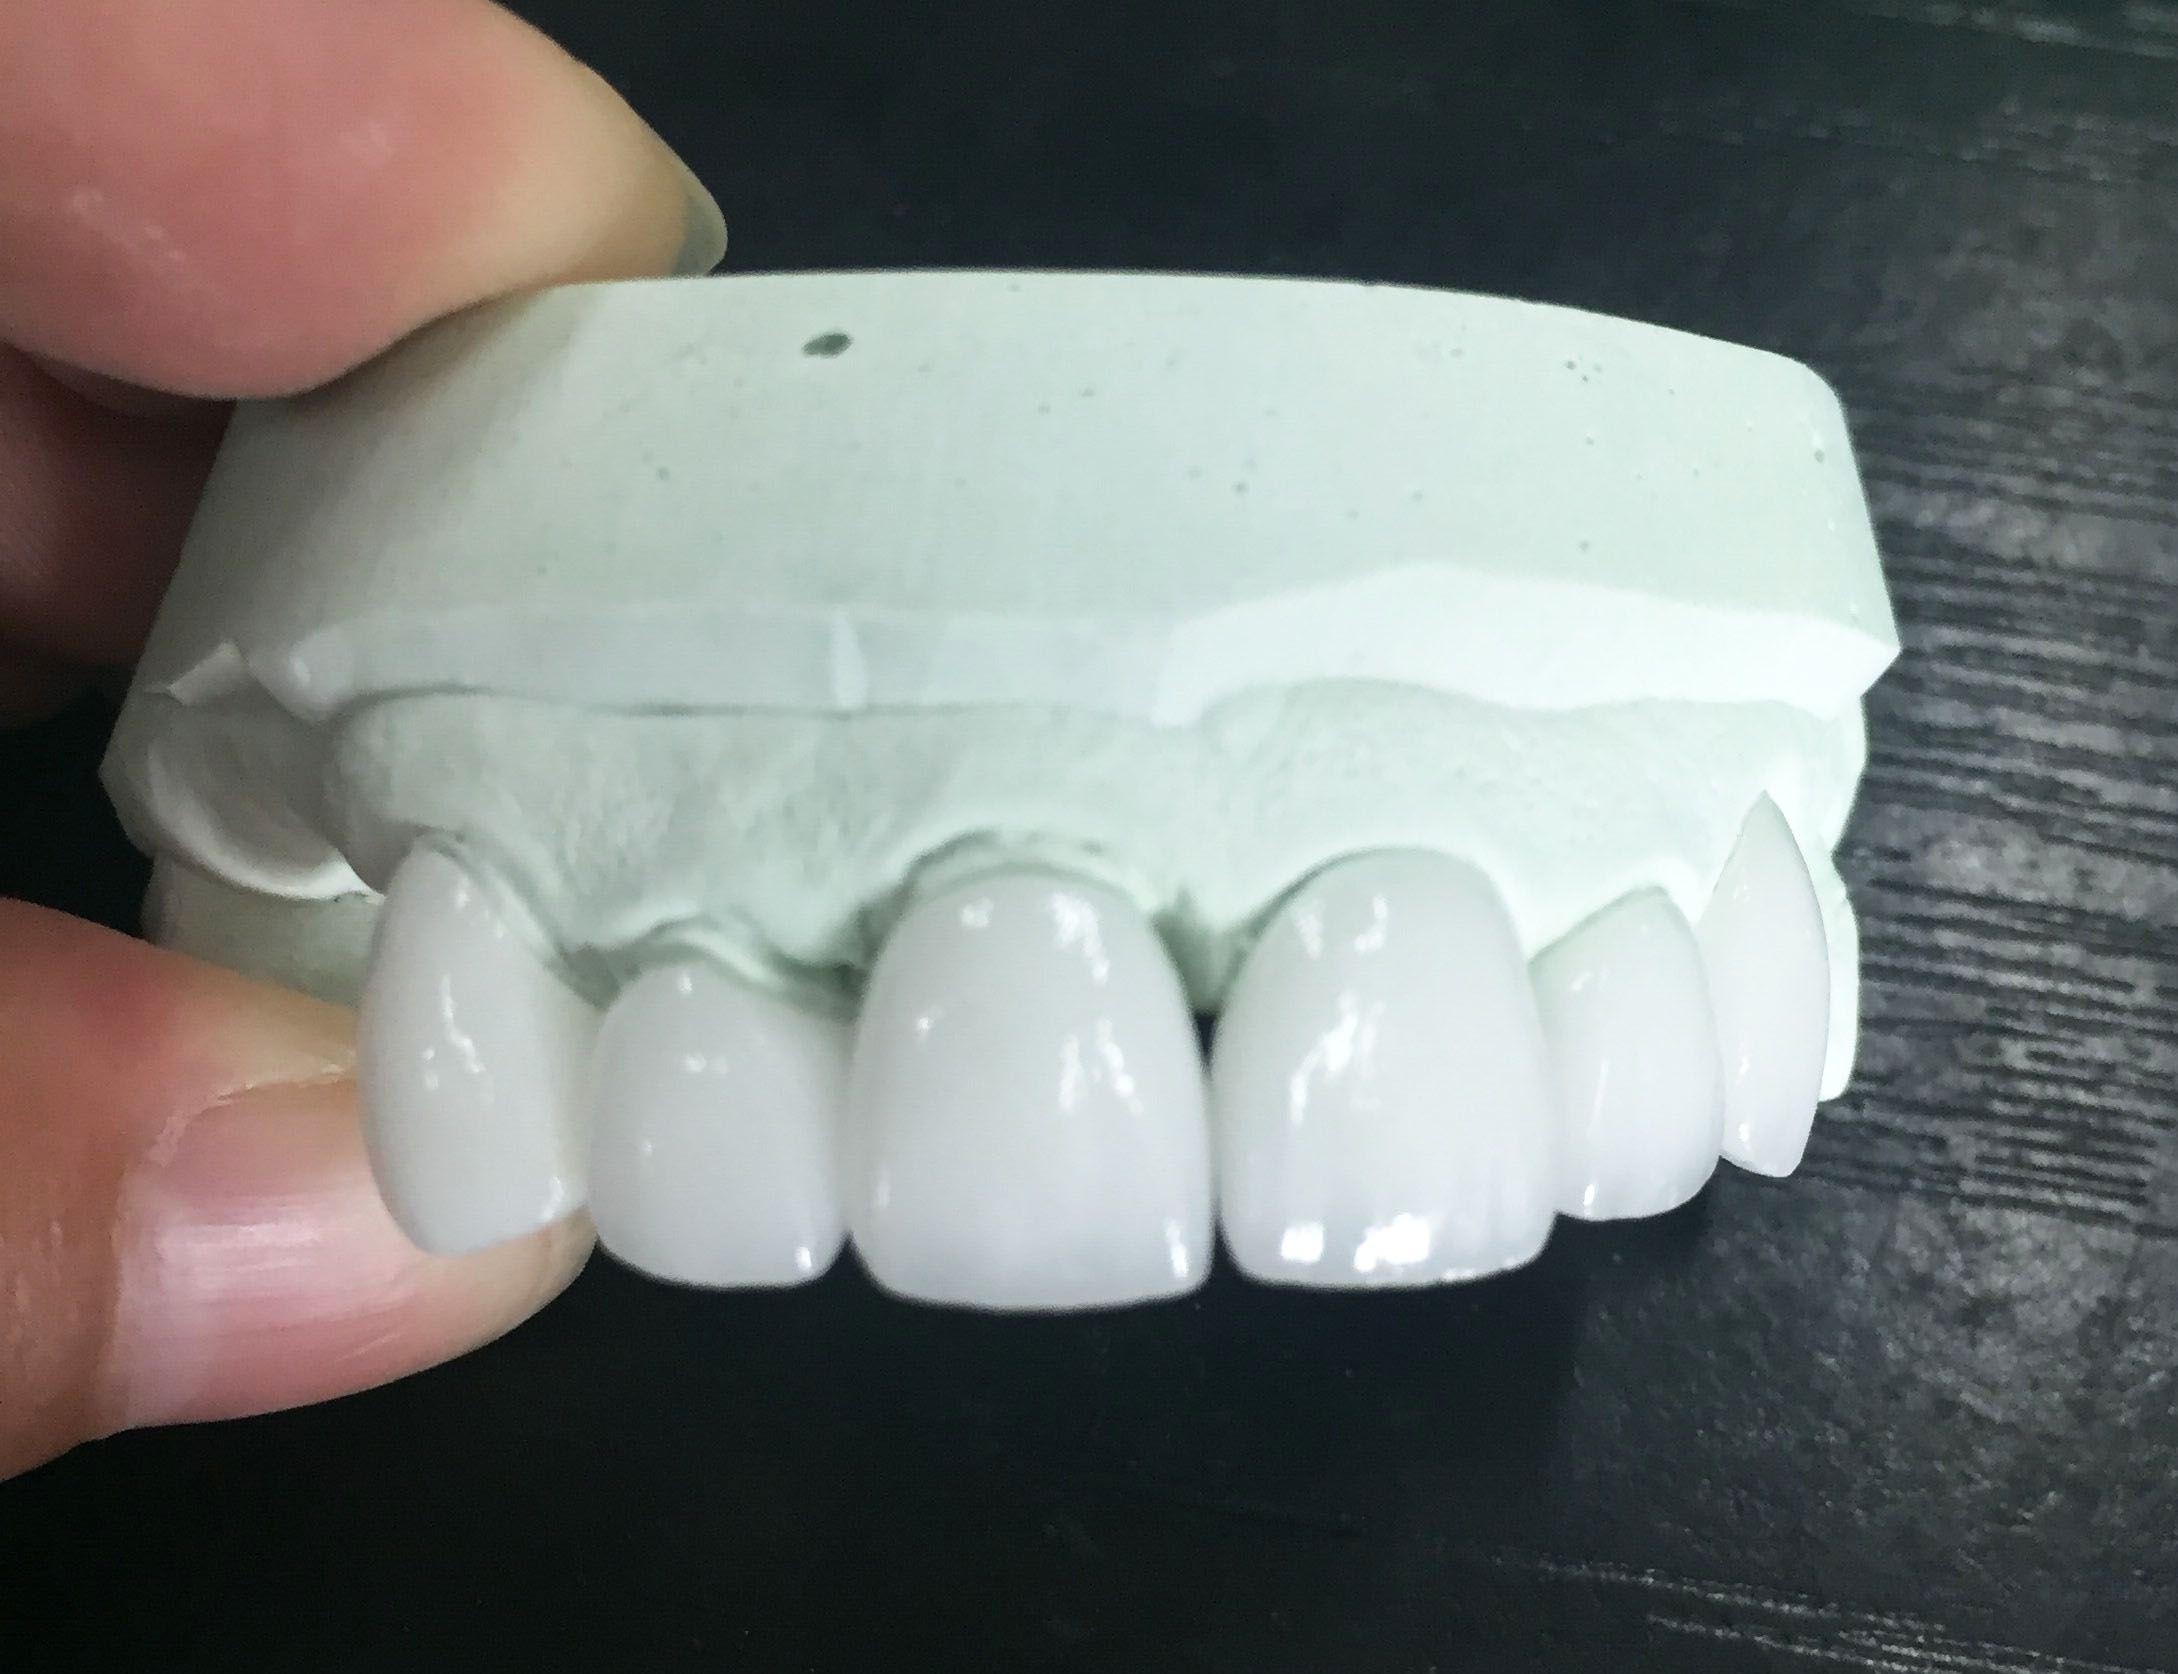 Pin on China dental laboratory